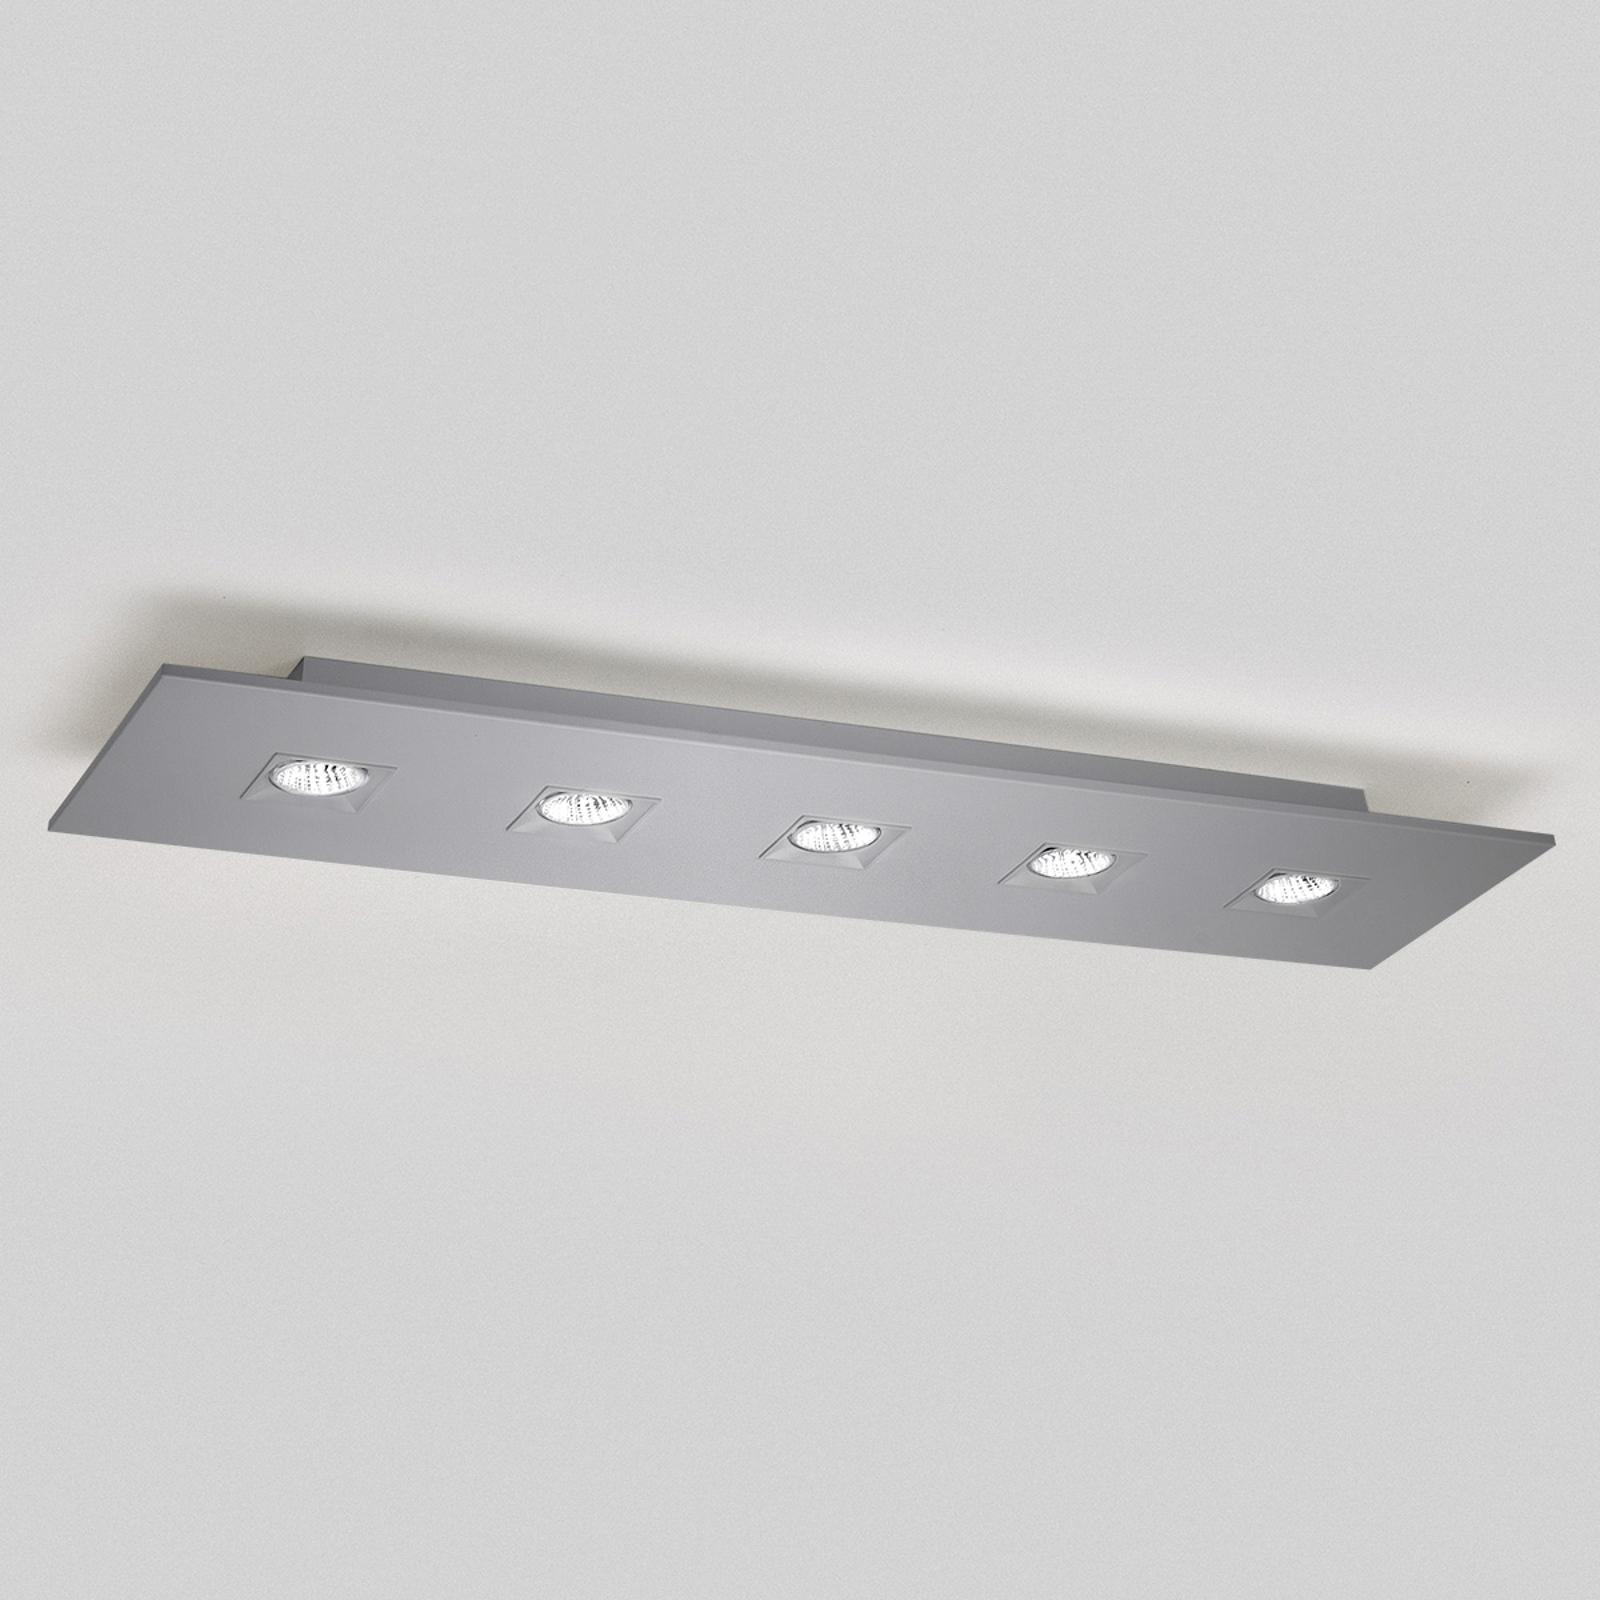 Taklampe Polifemo grå metallic 5 lys